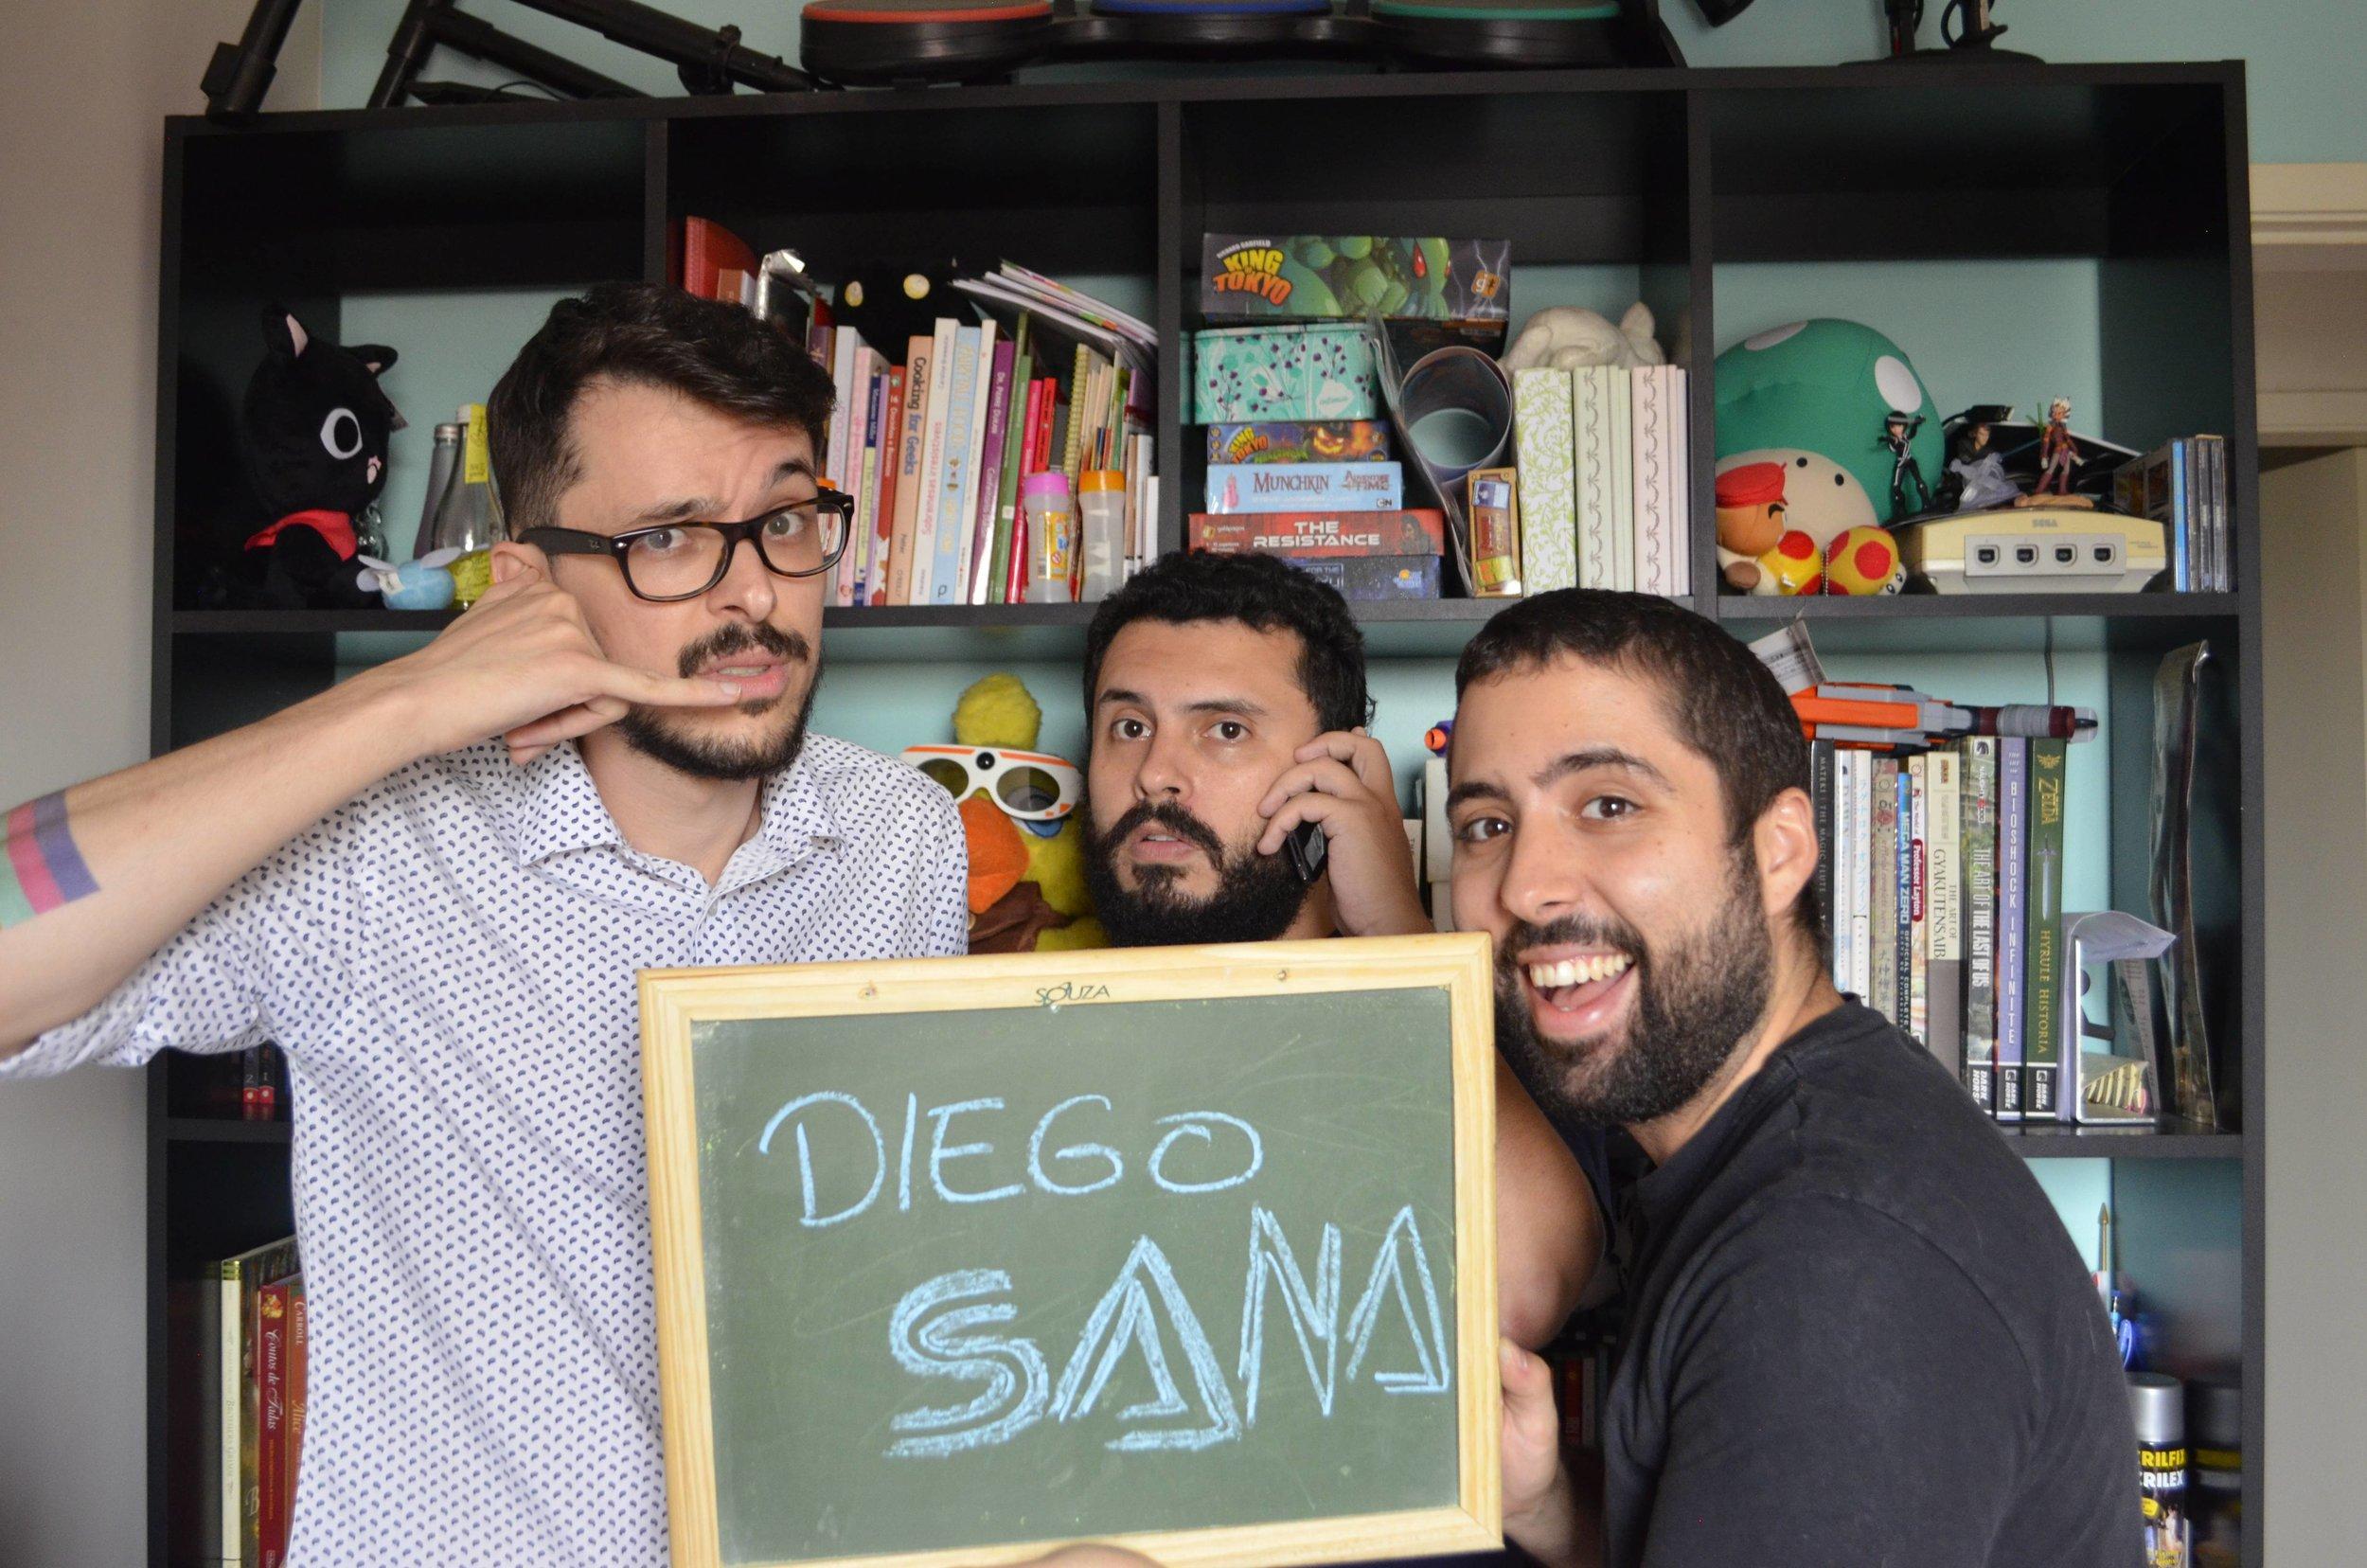 Diego-Sana.jpg